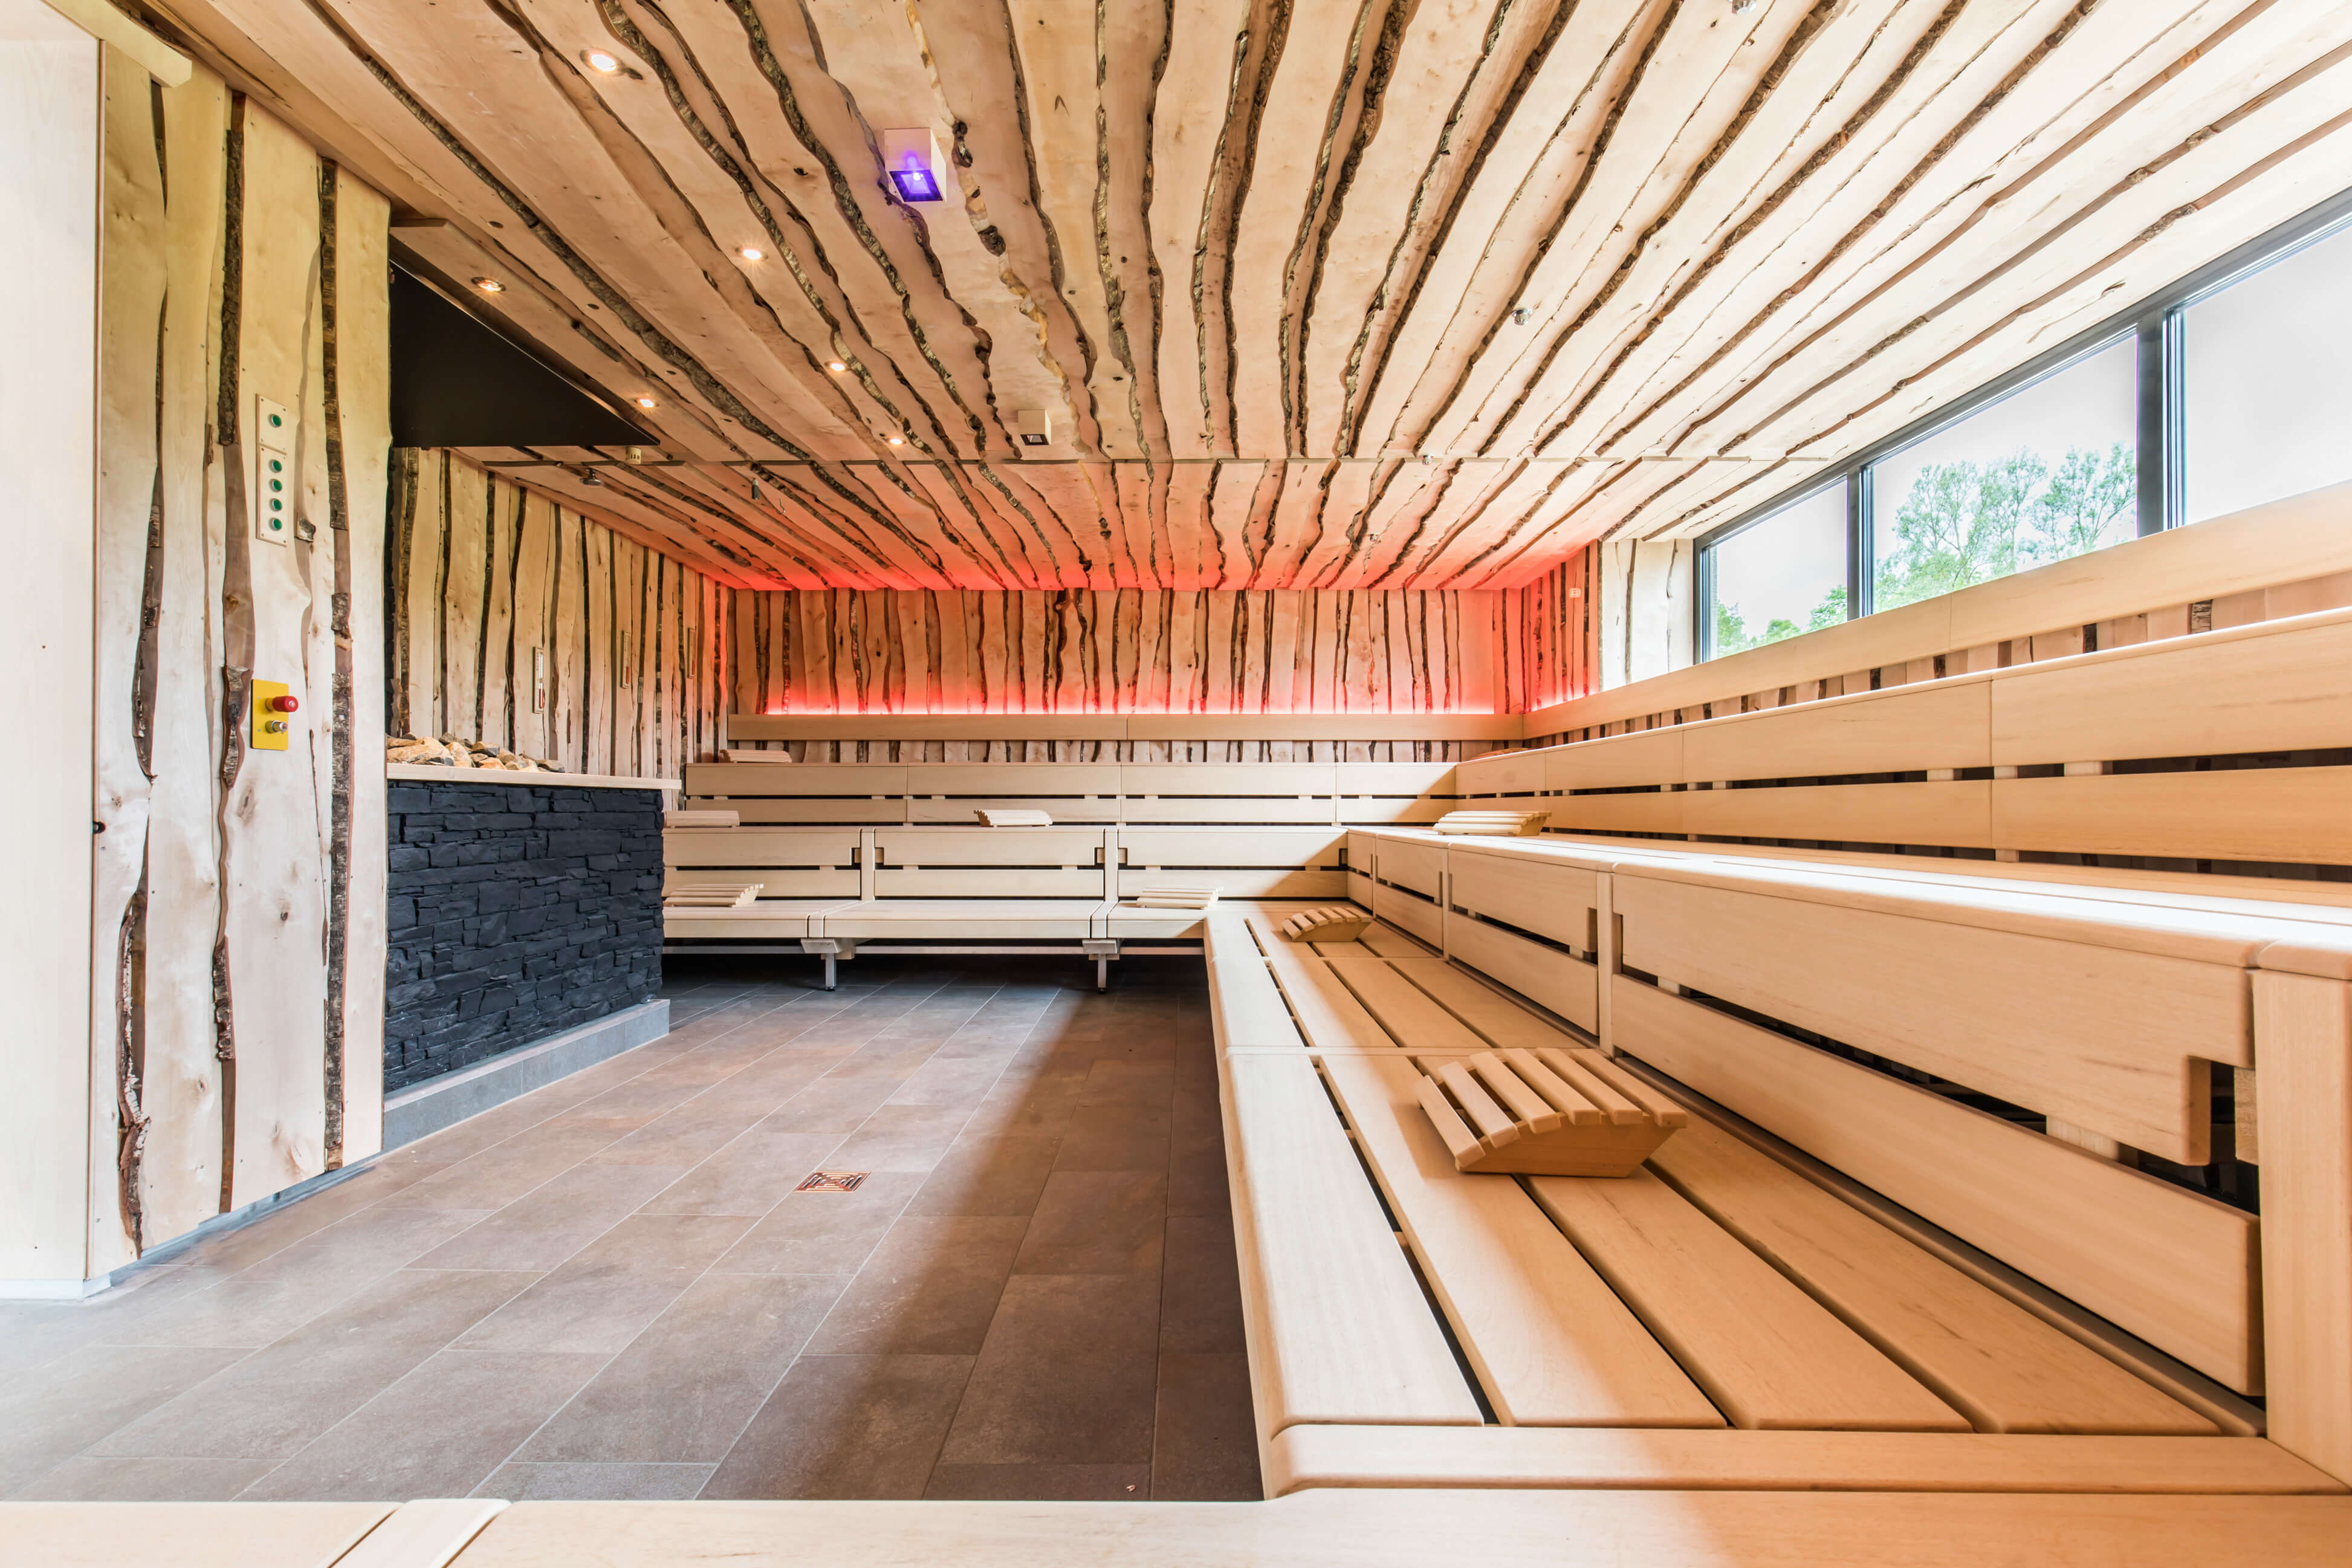 balneon2-schwimmen-baden-sauna